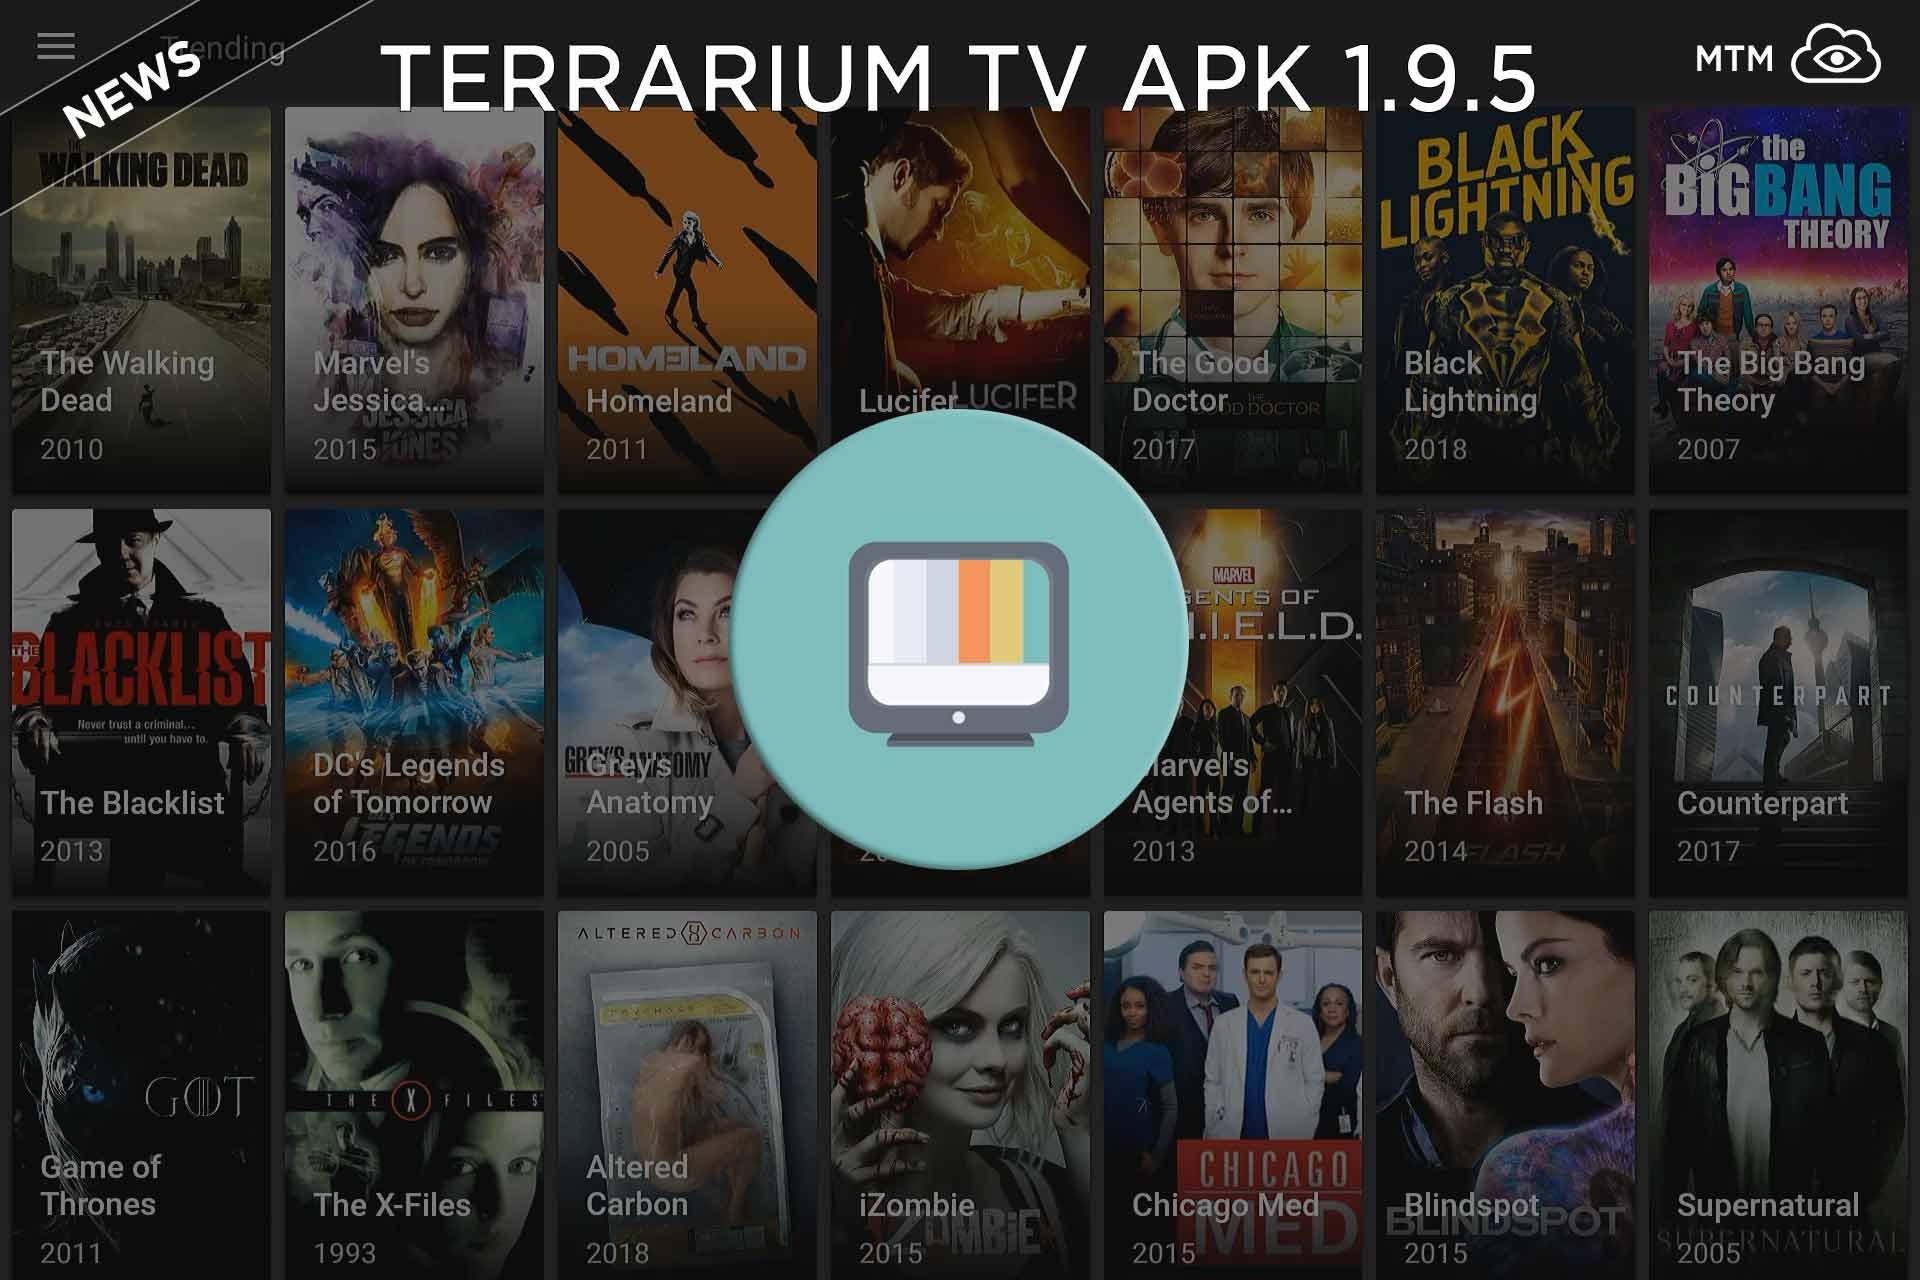 Terrario telebista 1.9.5 APK Eguneratutako aplikazioa martxoaren 17an kaleratua